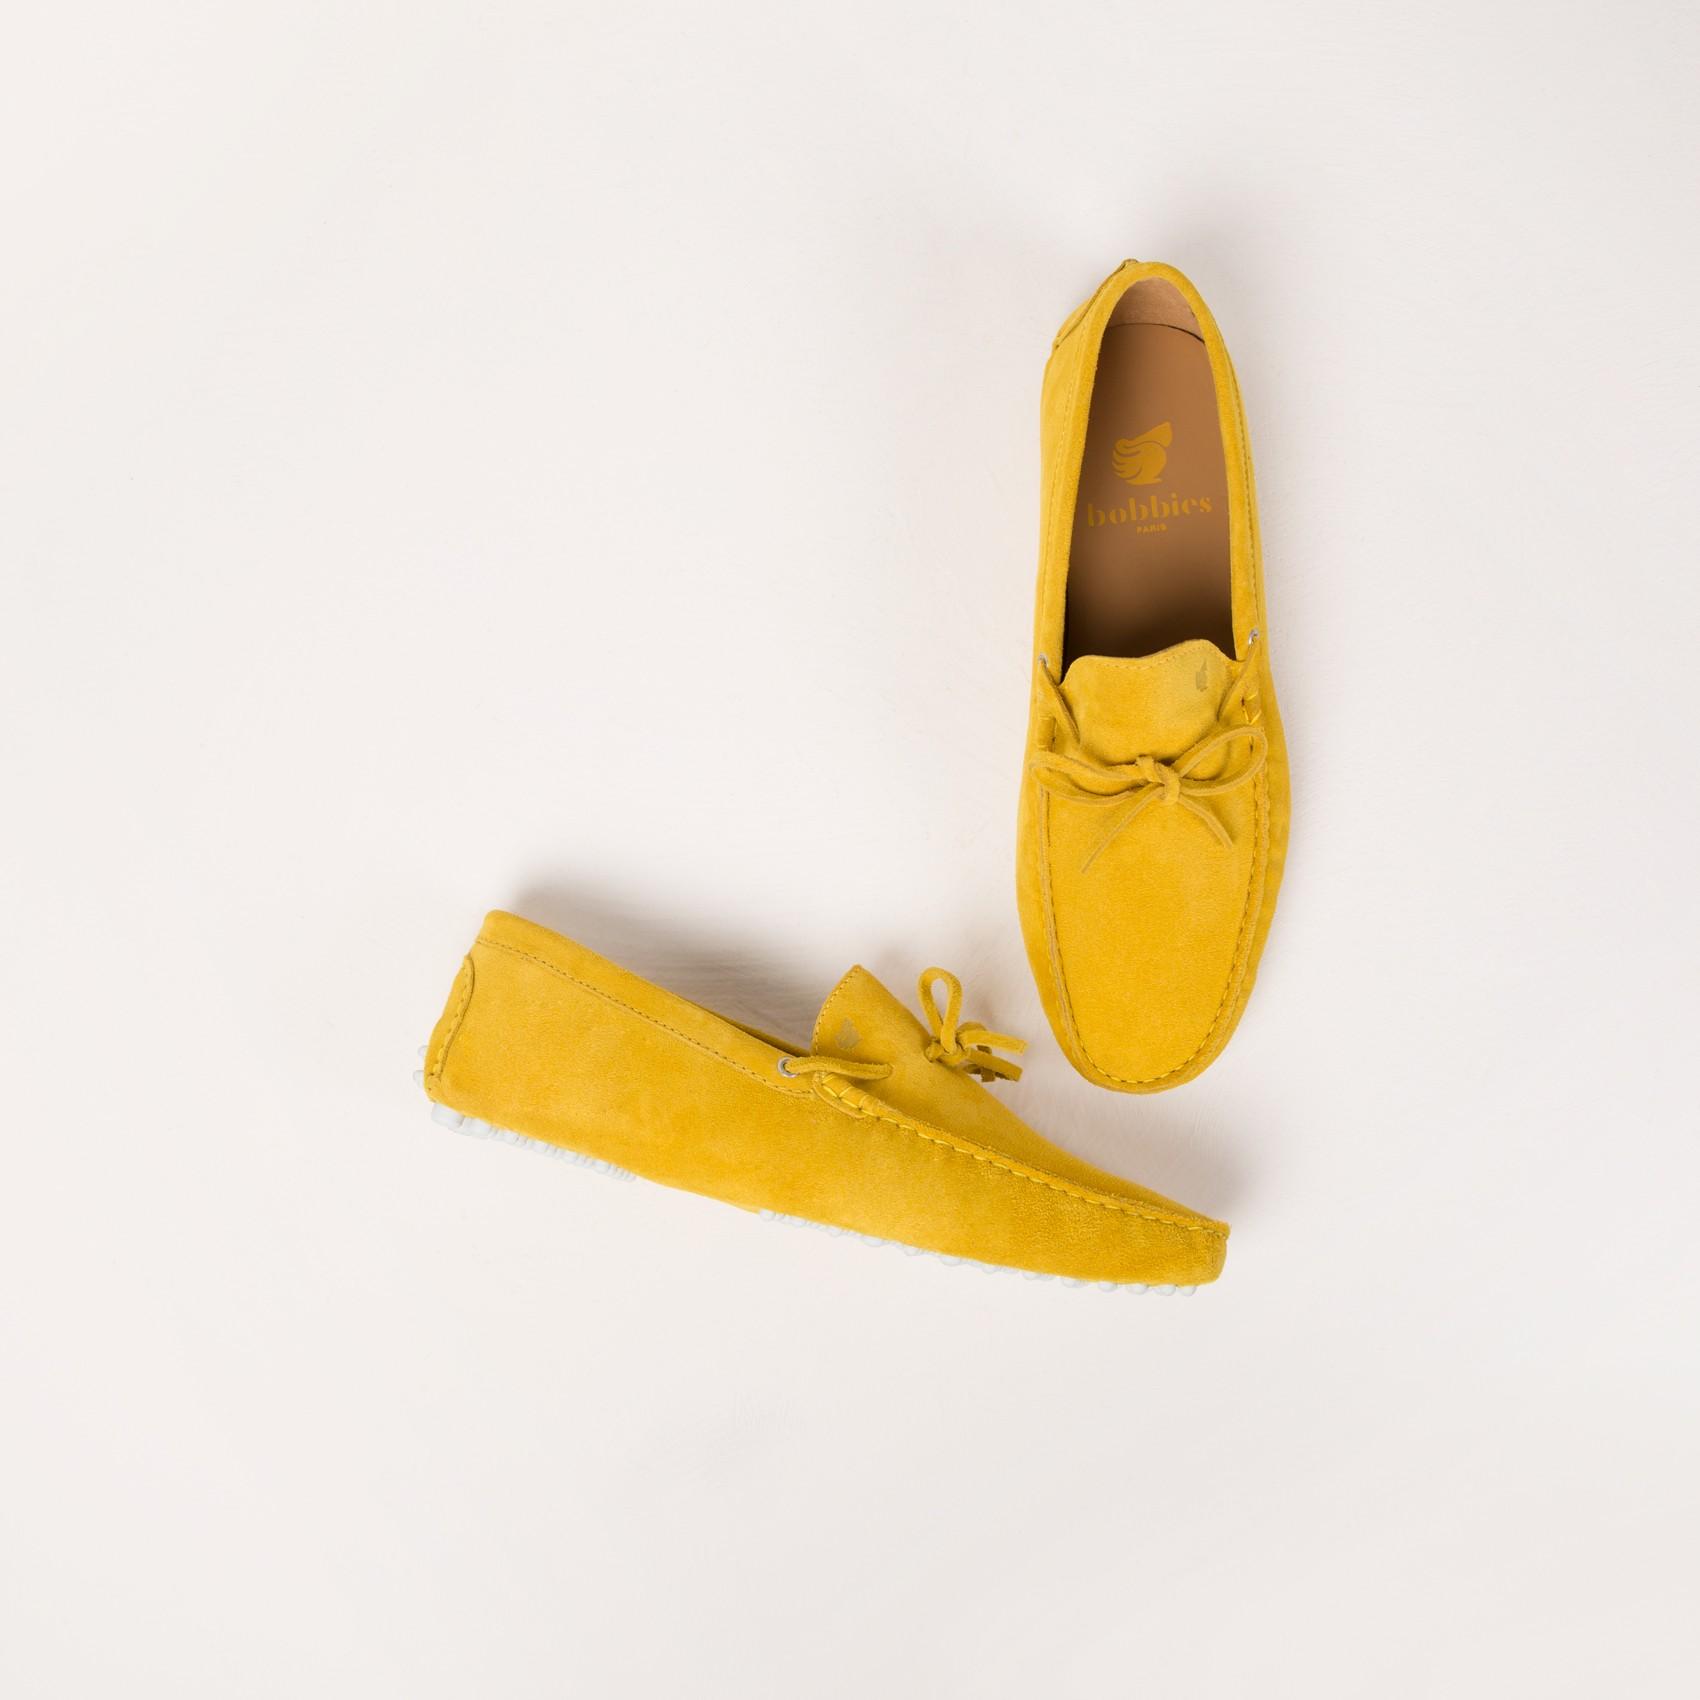 nouveaux styles 4b400 5869a mocassin homme jaune